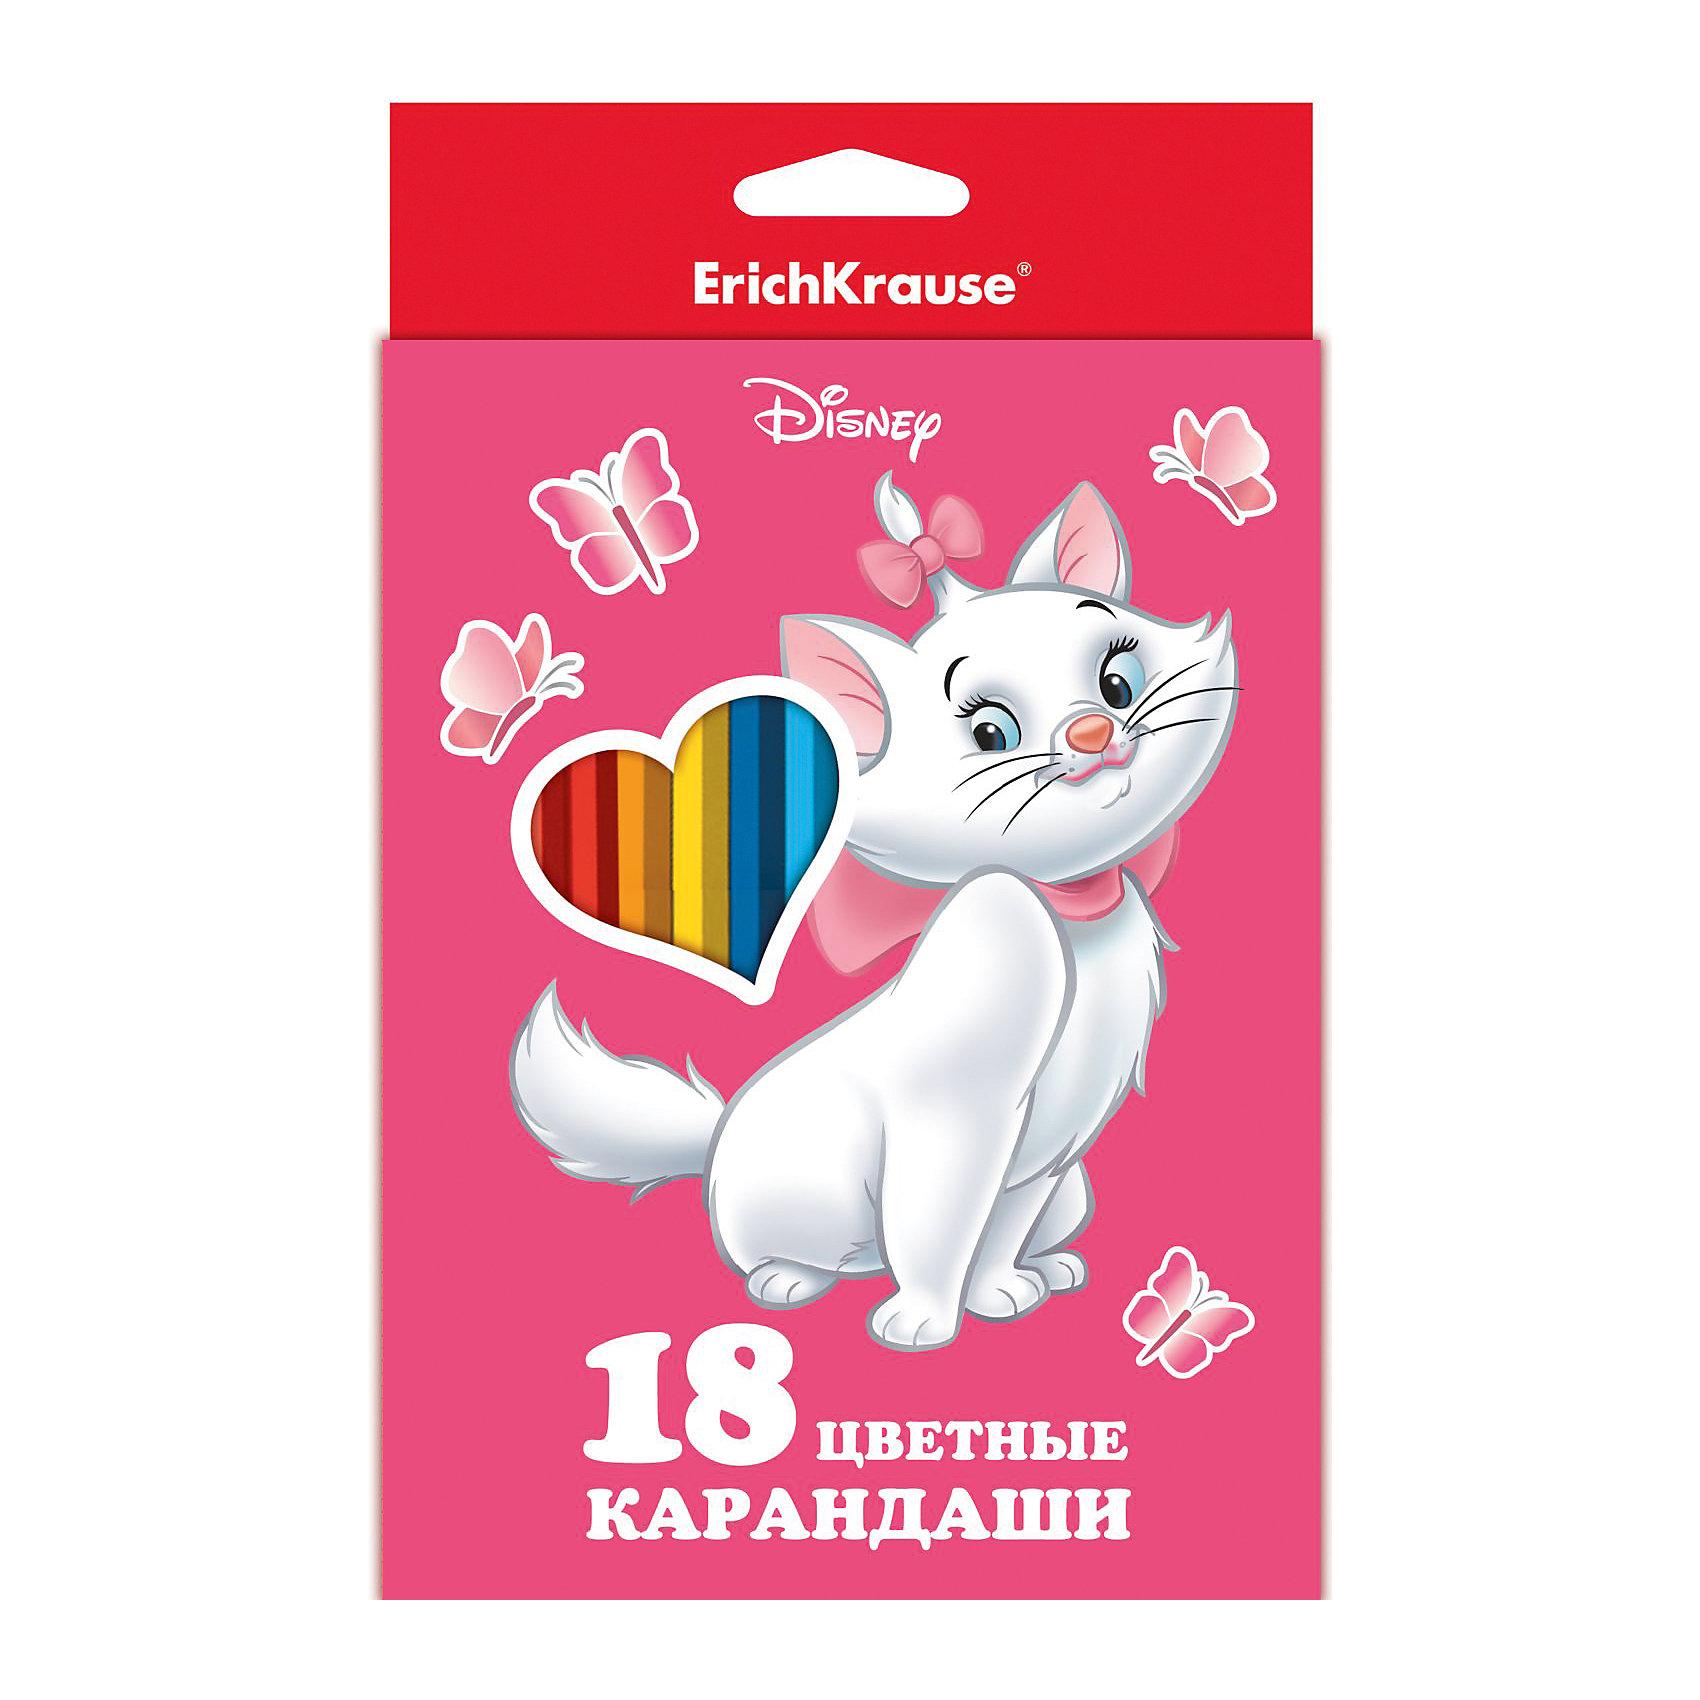 Карандаши Кошка Мари, 18 цветовХарактеристики карандашей Кошка Мари:<br><br>• возраст: от 3 лет<br>• герой: Дисней<br>• пол: для девочек<br>• комплект: 18 карандашей.<br>• материал: дерево, графит<br>• размер упаковки: 20х9х1,5 см <br>• упаковка: картонная коробка.<br>• толщина грифеля: 3 мм.<br>• карандаши: шестигранные.<br>• бренд: Erich Krause<br><br>Набор цветных карандашей от известной немецкой компании Erich Krause (Эрих Краузе) состоит из 18 цветных карандашей разных ярких цветов, которые прекрасно подходят для рисования даже малышей. У карандашей не крошиться грифель, они не требуют сильного нажатия, а рисунки получаются насыщенные и яркие. Корпус шестигранной формы позволит малышу правильно держать карандаш и, при долгом рисовании, рука не будет уставать.<br><br>Карандаши Кошка Мари торговой марки Erich Krause  можно купить в нашем интернет-магазине.<br><br>Ширина мм: 134<br>Глубина мм: 204<br>Высота мм: 8<br>Вес г: 133<br>Возраст от месяцев: 60<br>Возраст до месяцев: 216<br>Пол: Женский<br>Возраст: Детский<br>SKU: 5409238